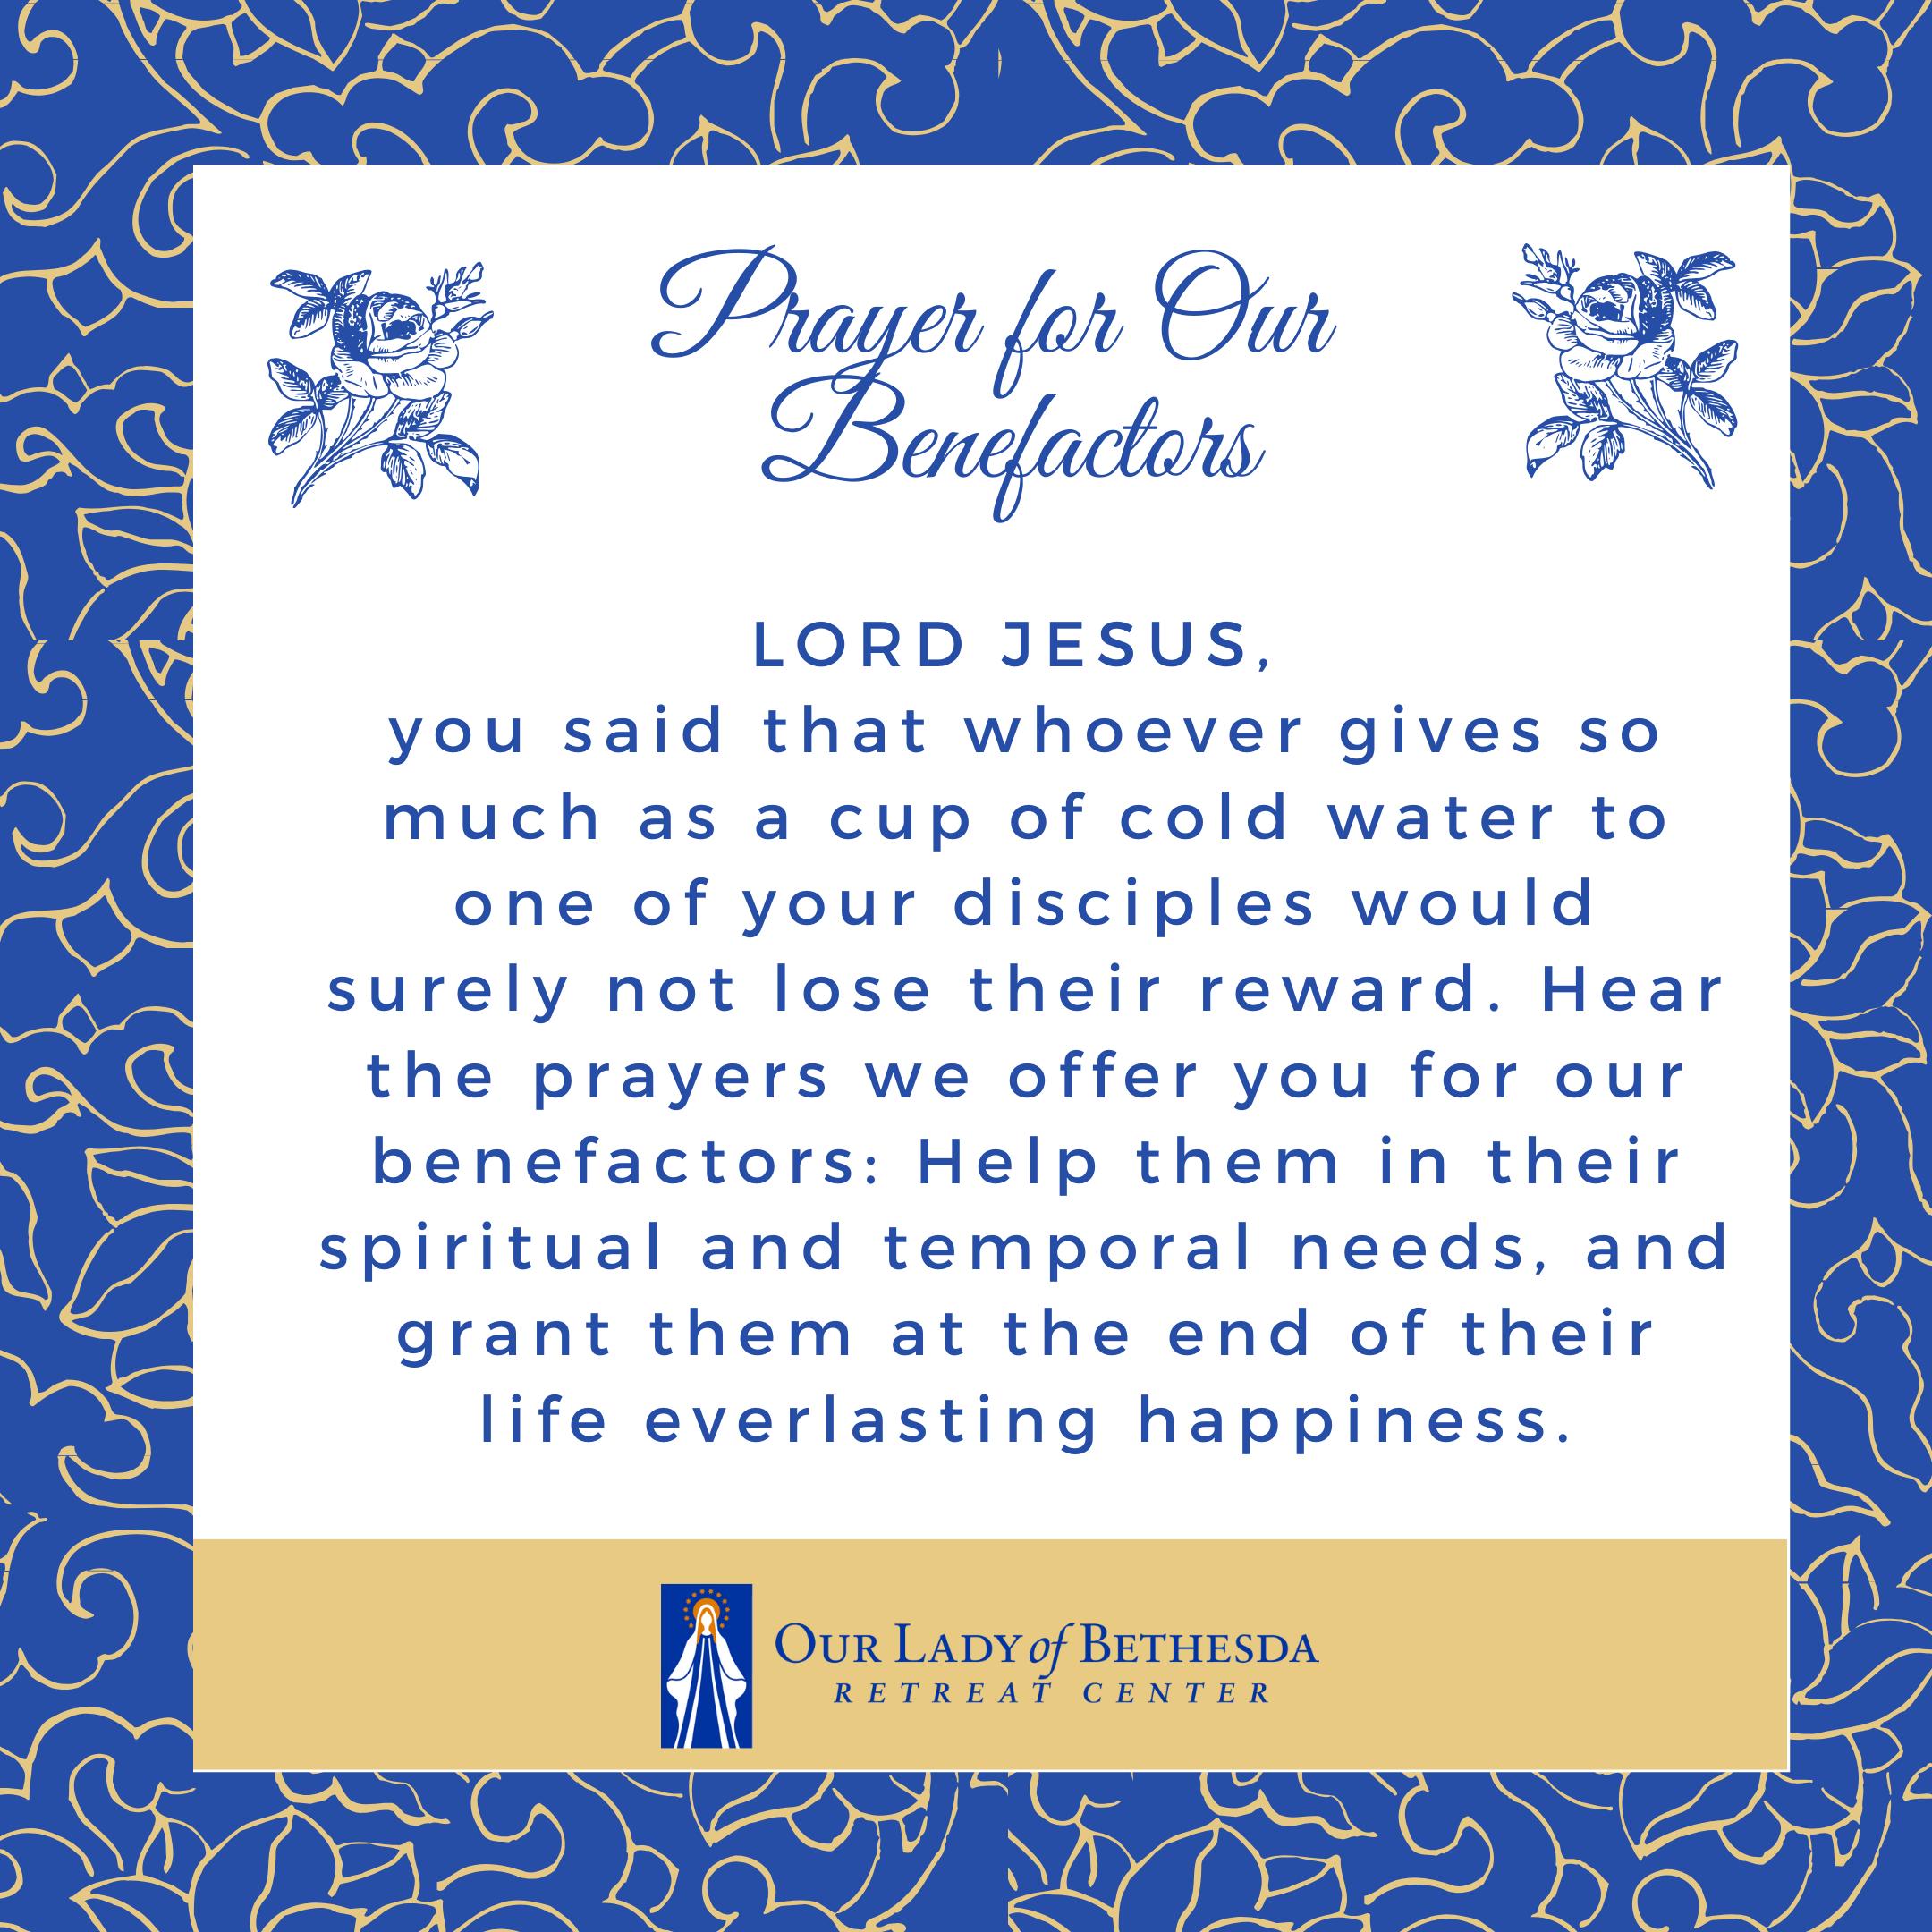 Benefactors Prayer